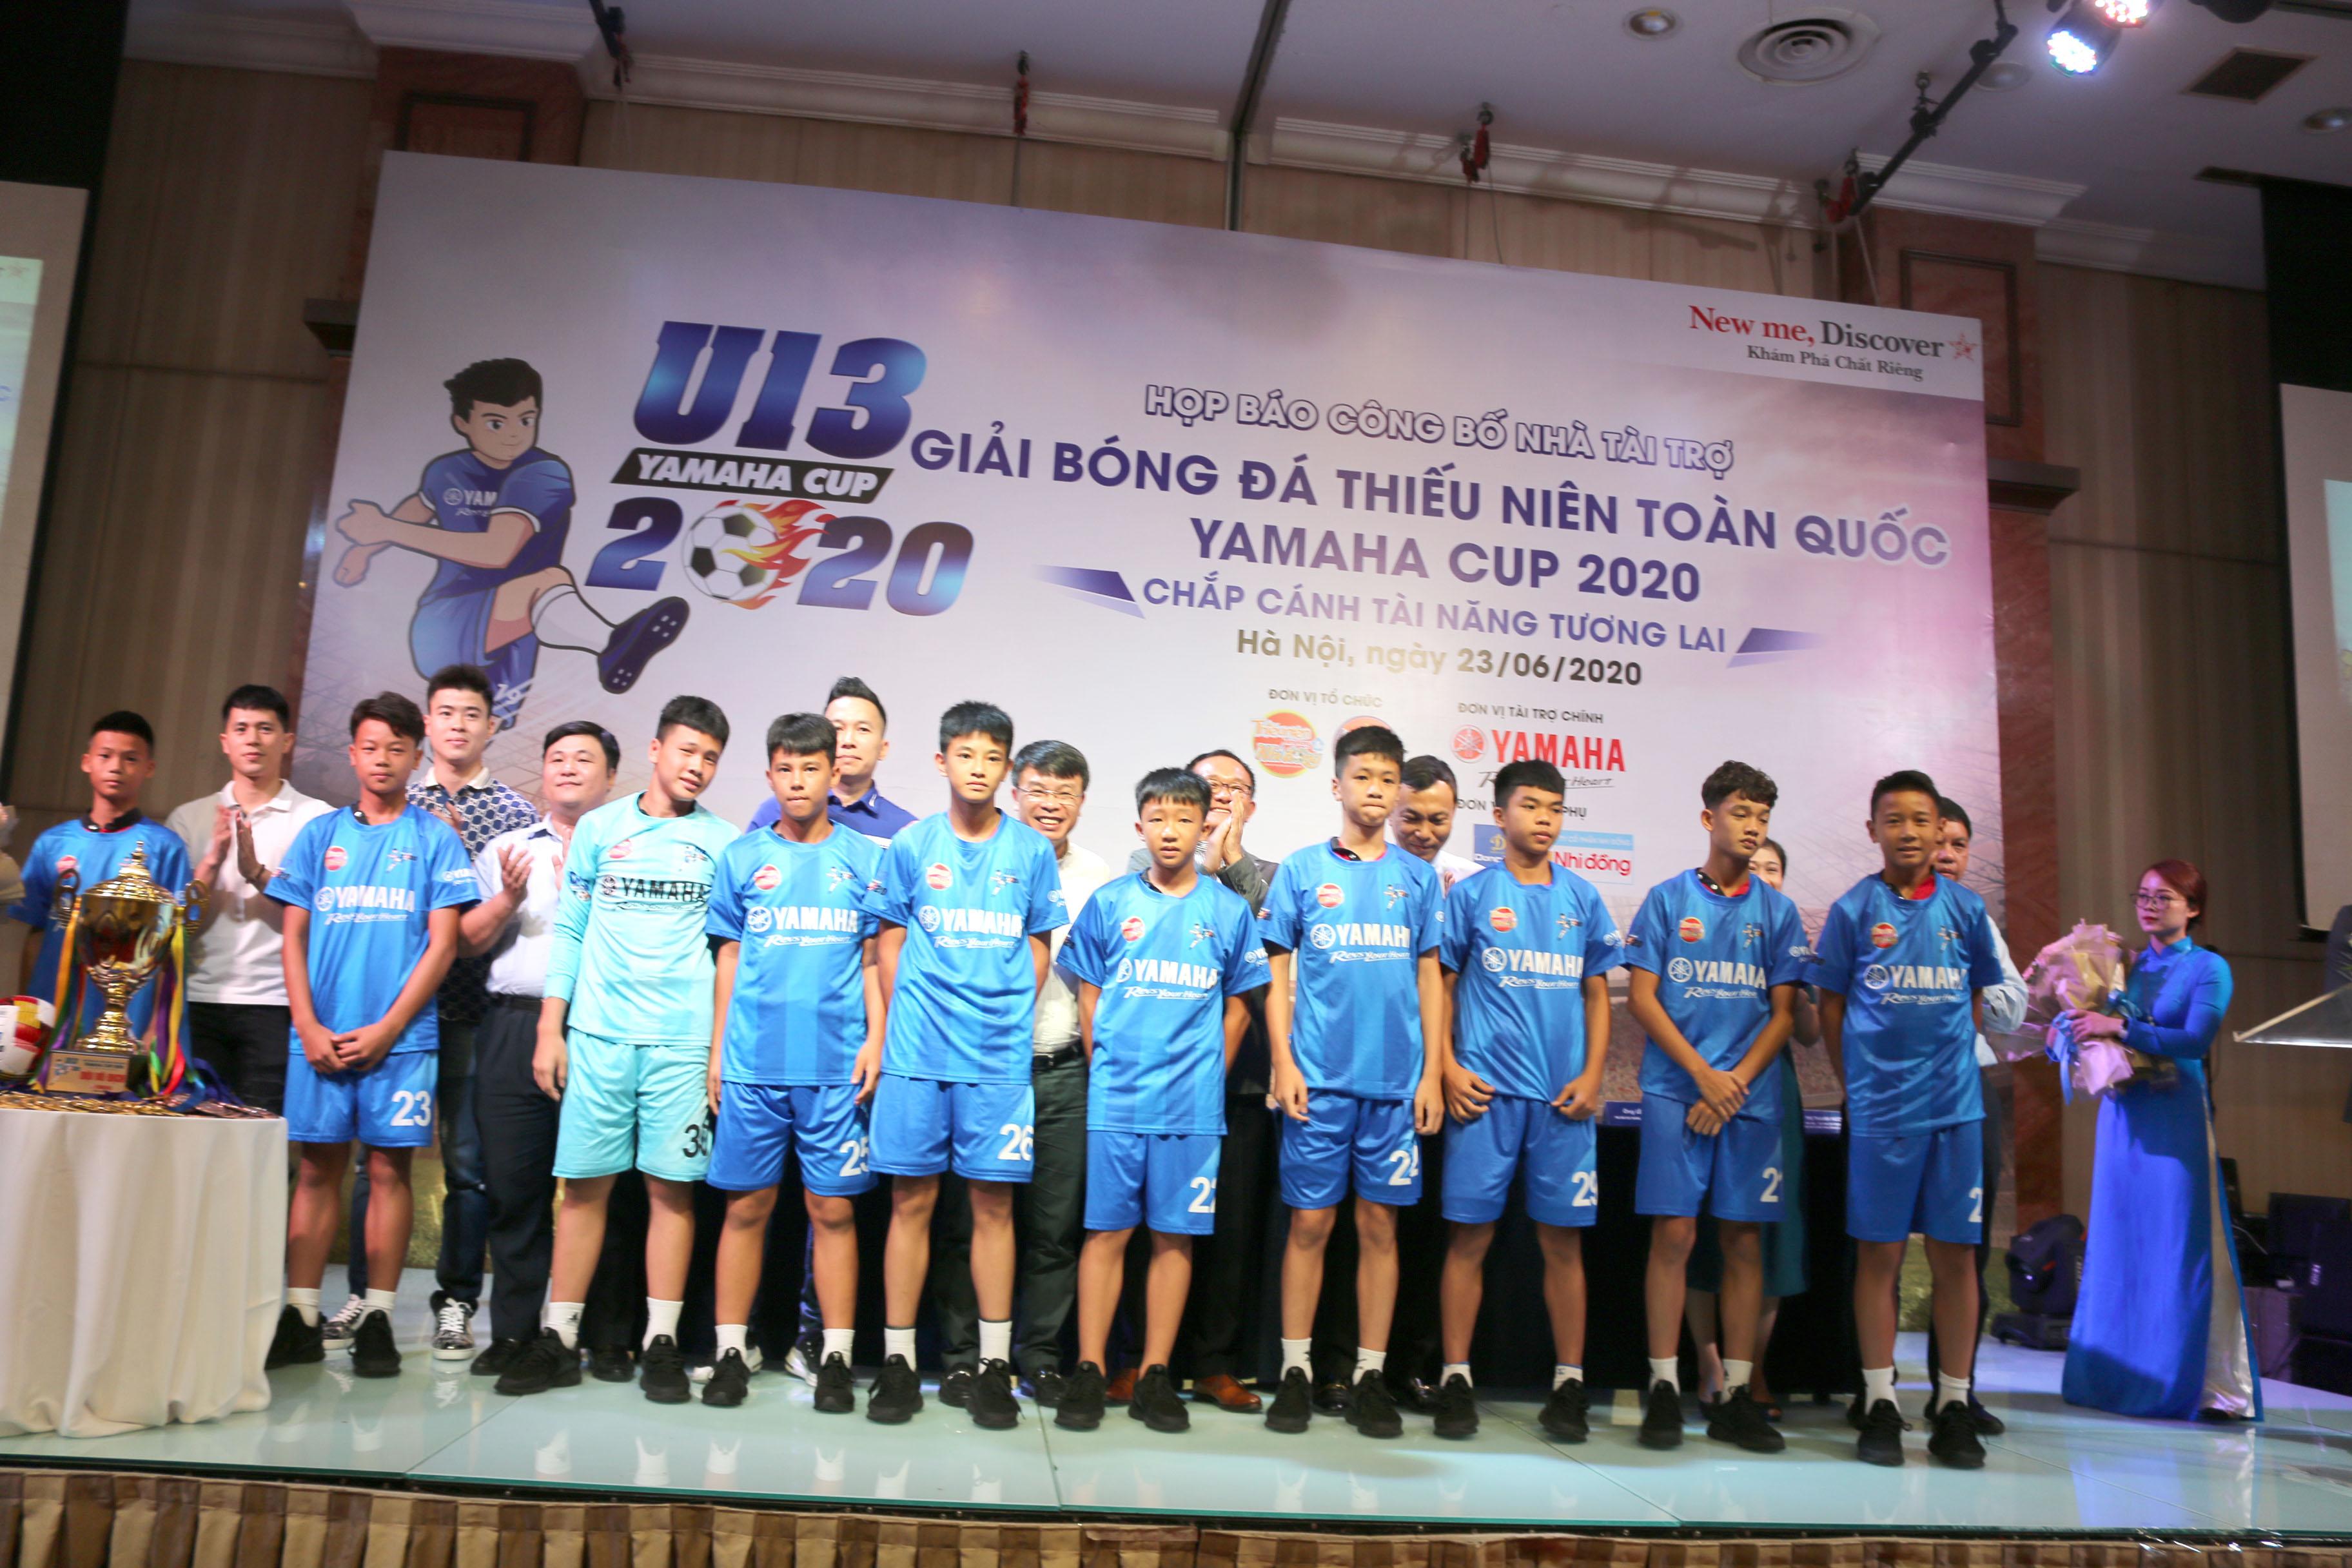 """Giải Bóng đá Thiếu niên Toàn quốc Yamaha Cup 2020 - """"Chắp cánh tài năng tương lai"""""""